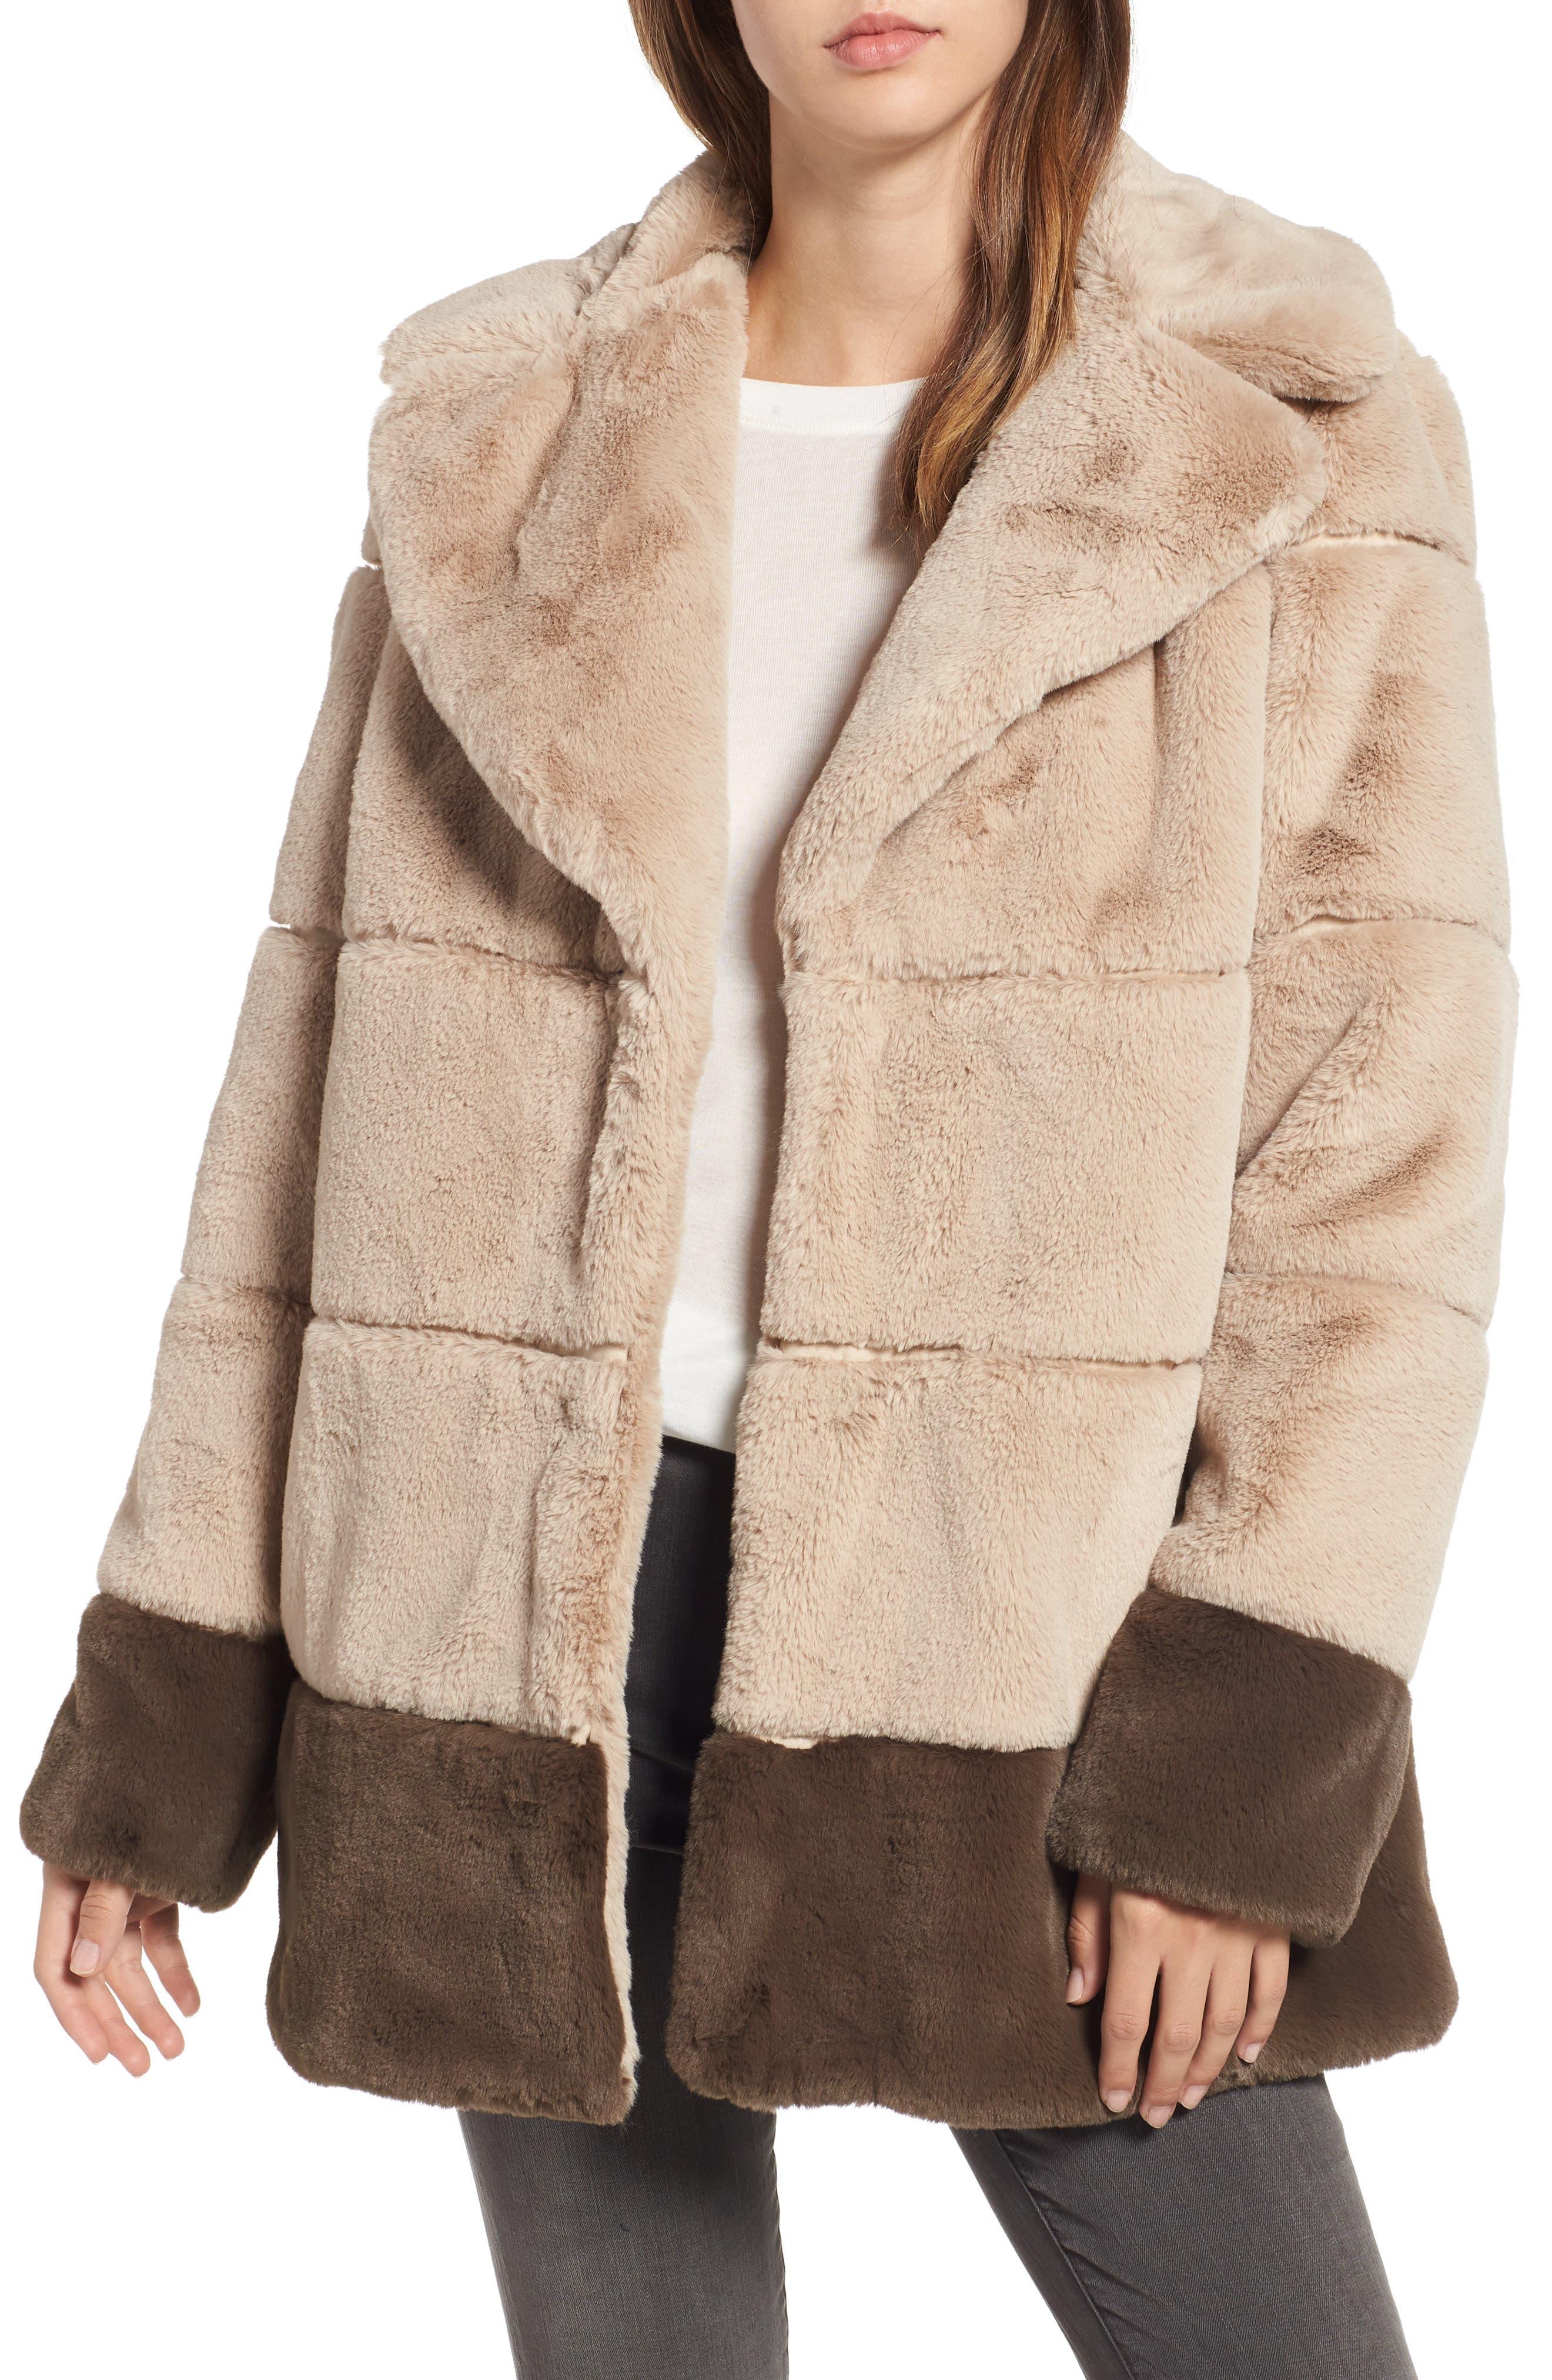 Colorblock Panel Faux Fur Jacket,                         Main,                         color, BEIGE/ BROWN